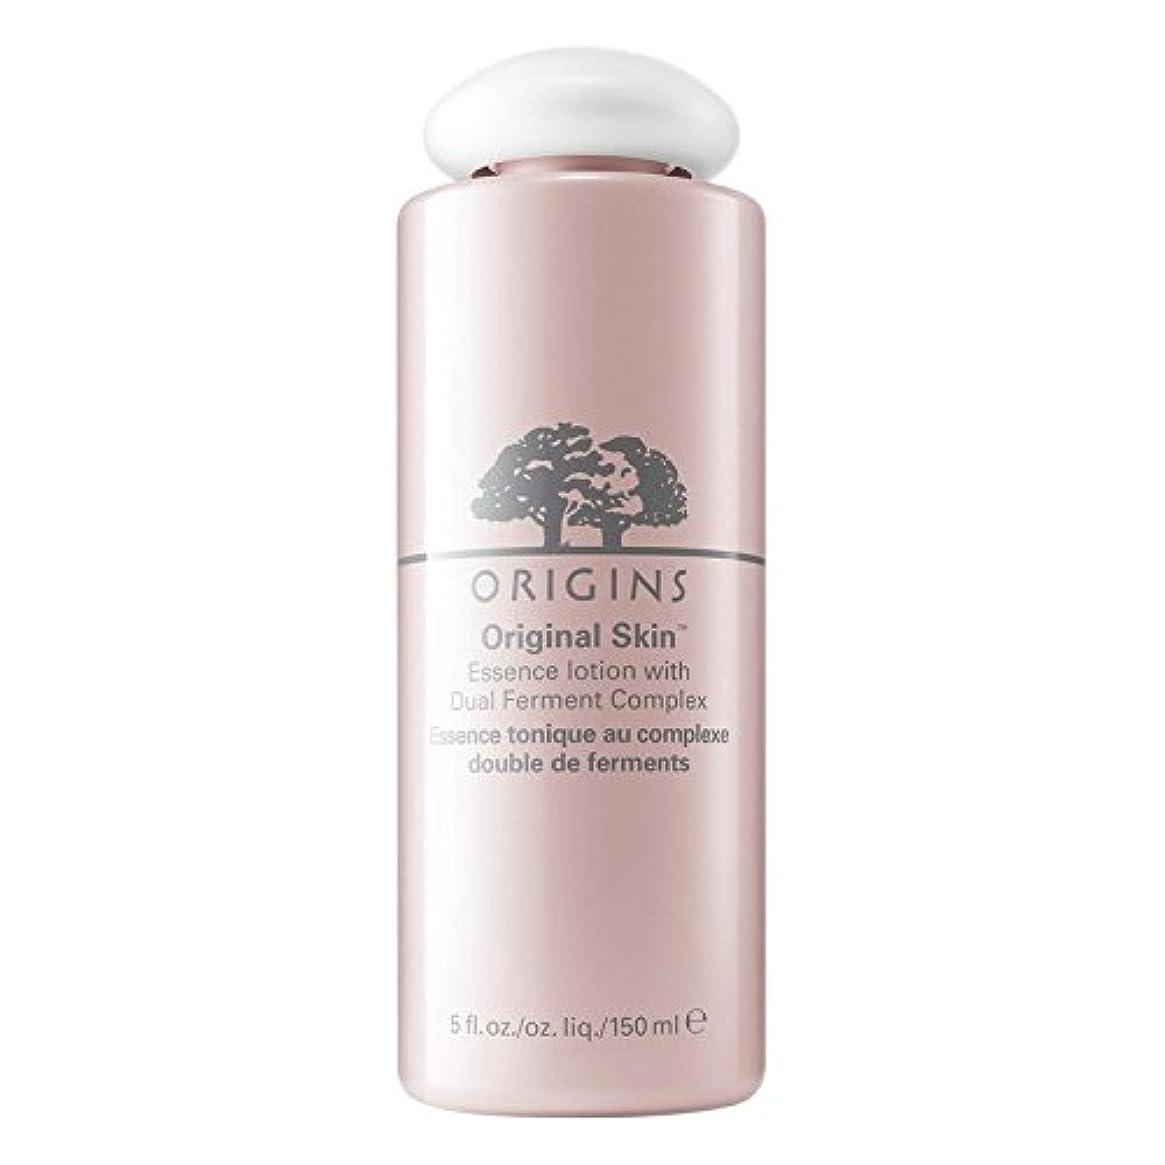 ポータル小道具スープOrigins Original Skin Essence Lotion 150ml - 起源オリジナルスキンエッセンスローション150 [並行輸入品]